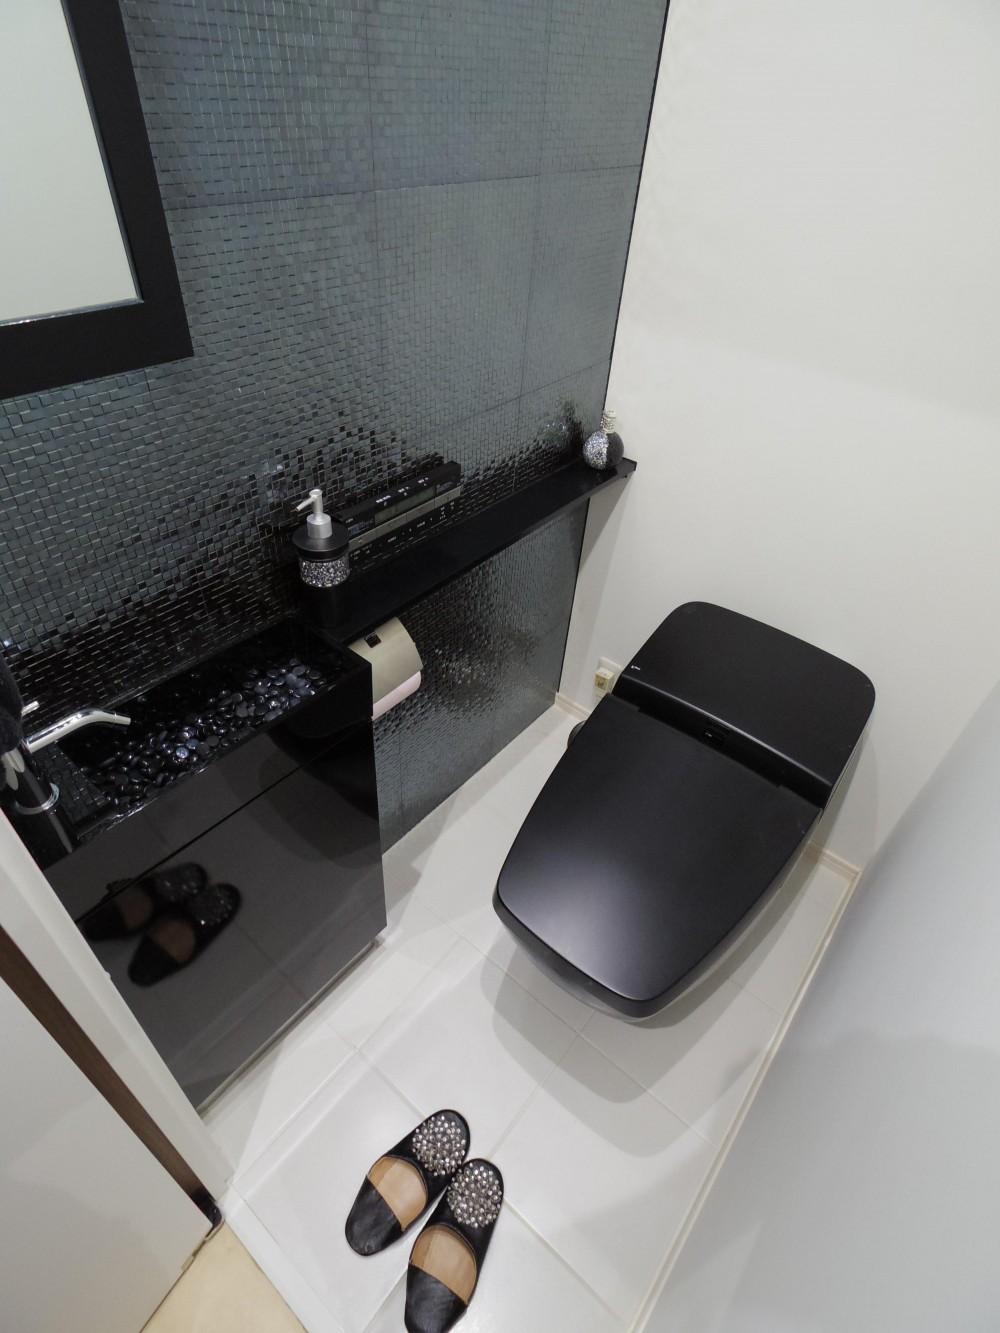 奥さまの家事動線と収納量にこだわった間接照明のあるリノベーション (スッキリ シンプル モダンな大人のこだわりトイレ)